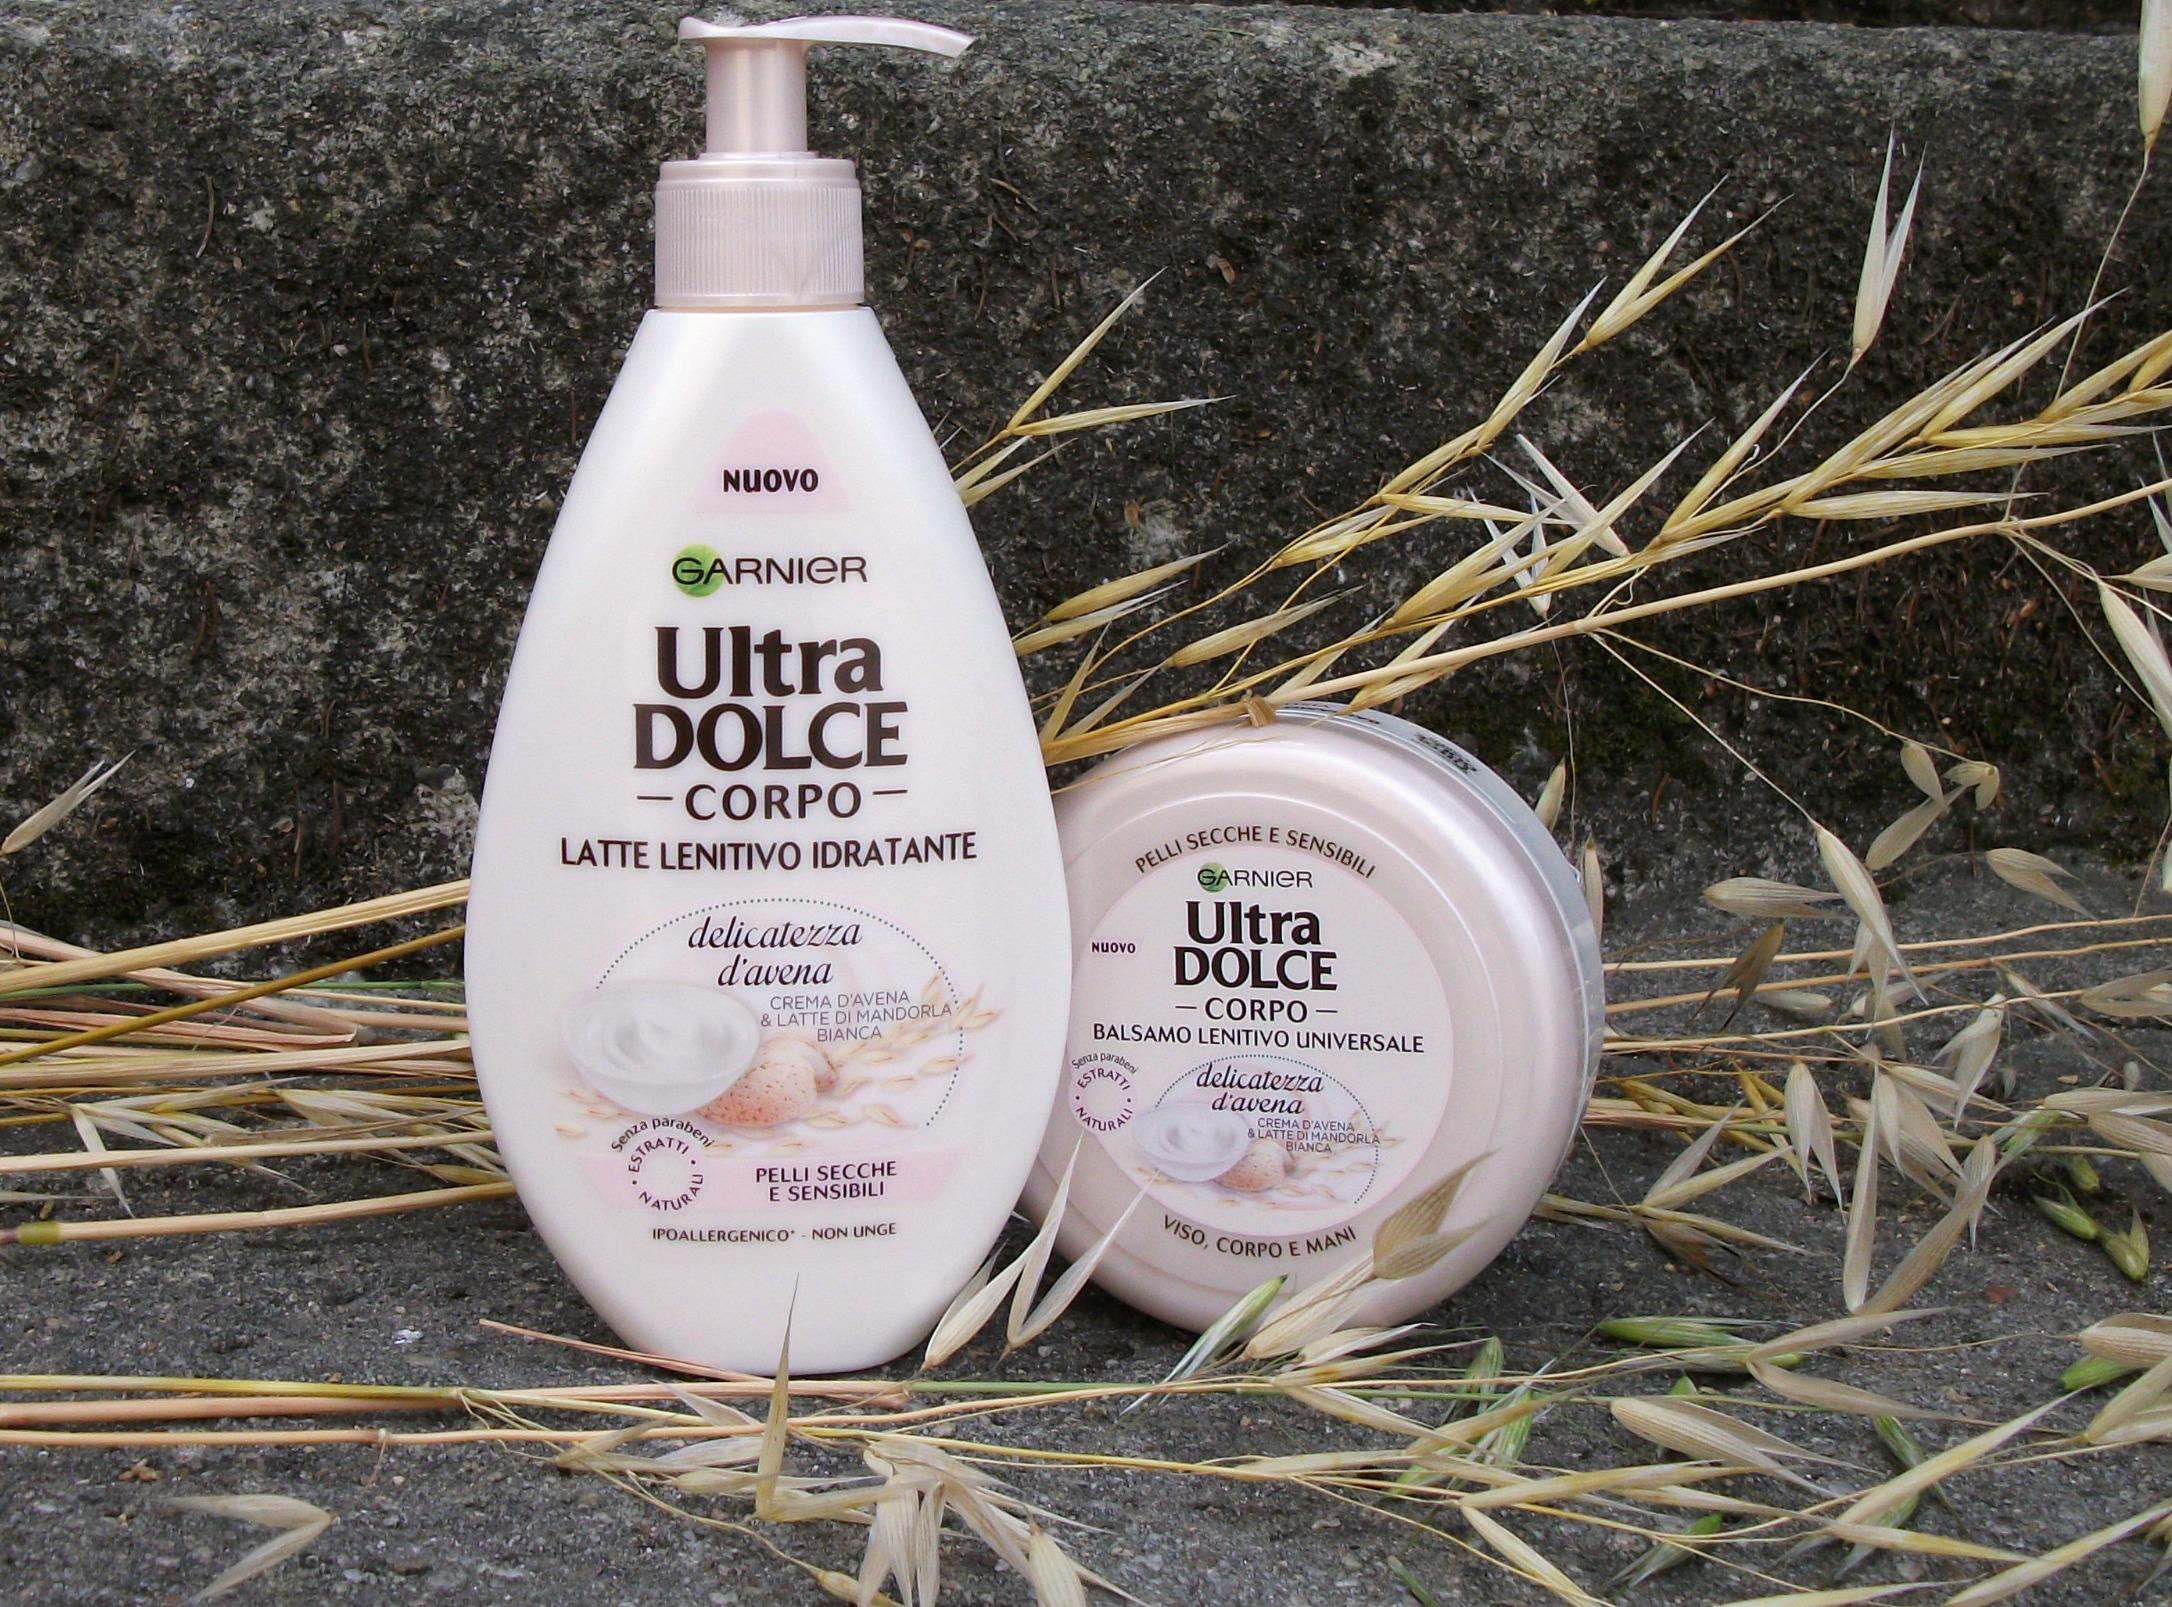 Bagno Idratante Naturale : Il bicarbonato di sodio rimedio naturale per essere più bella